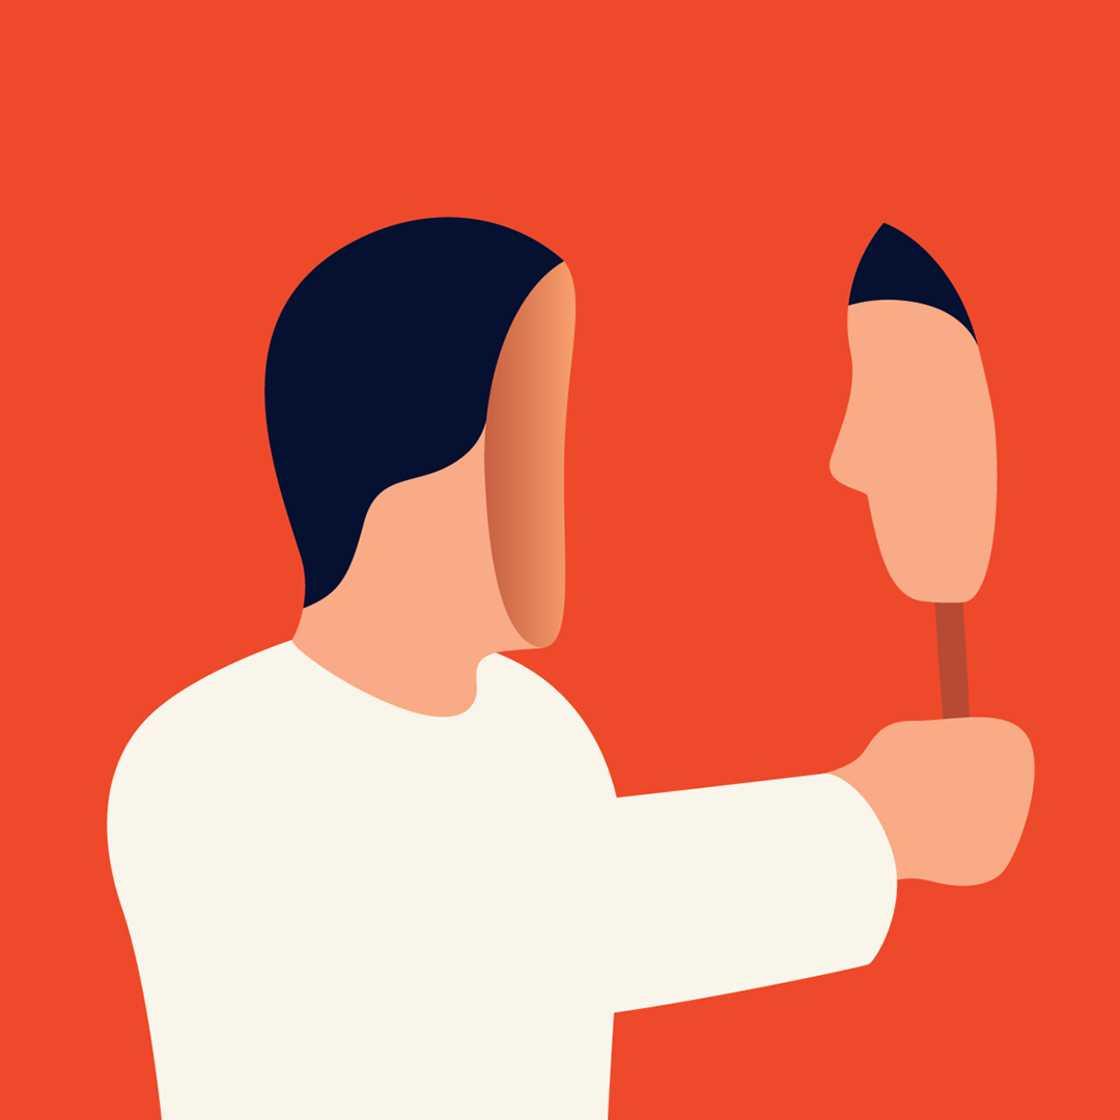 Ilustracoes satiricas e minimalistas de Francesco Ciccolella (19 pics)